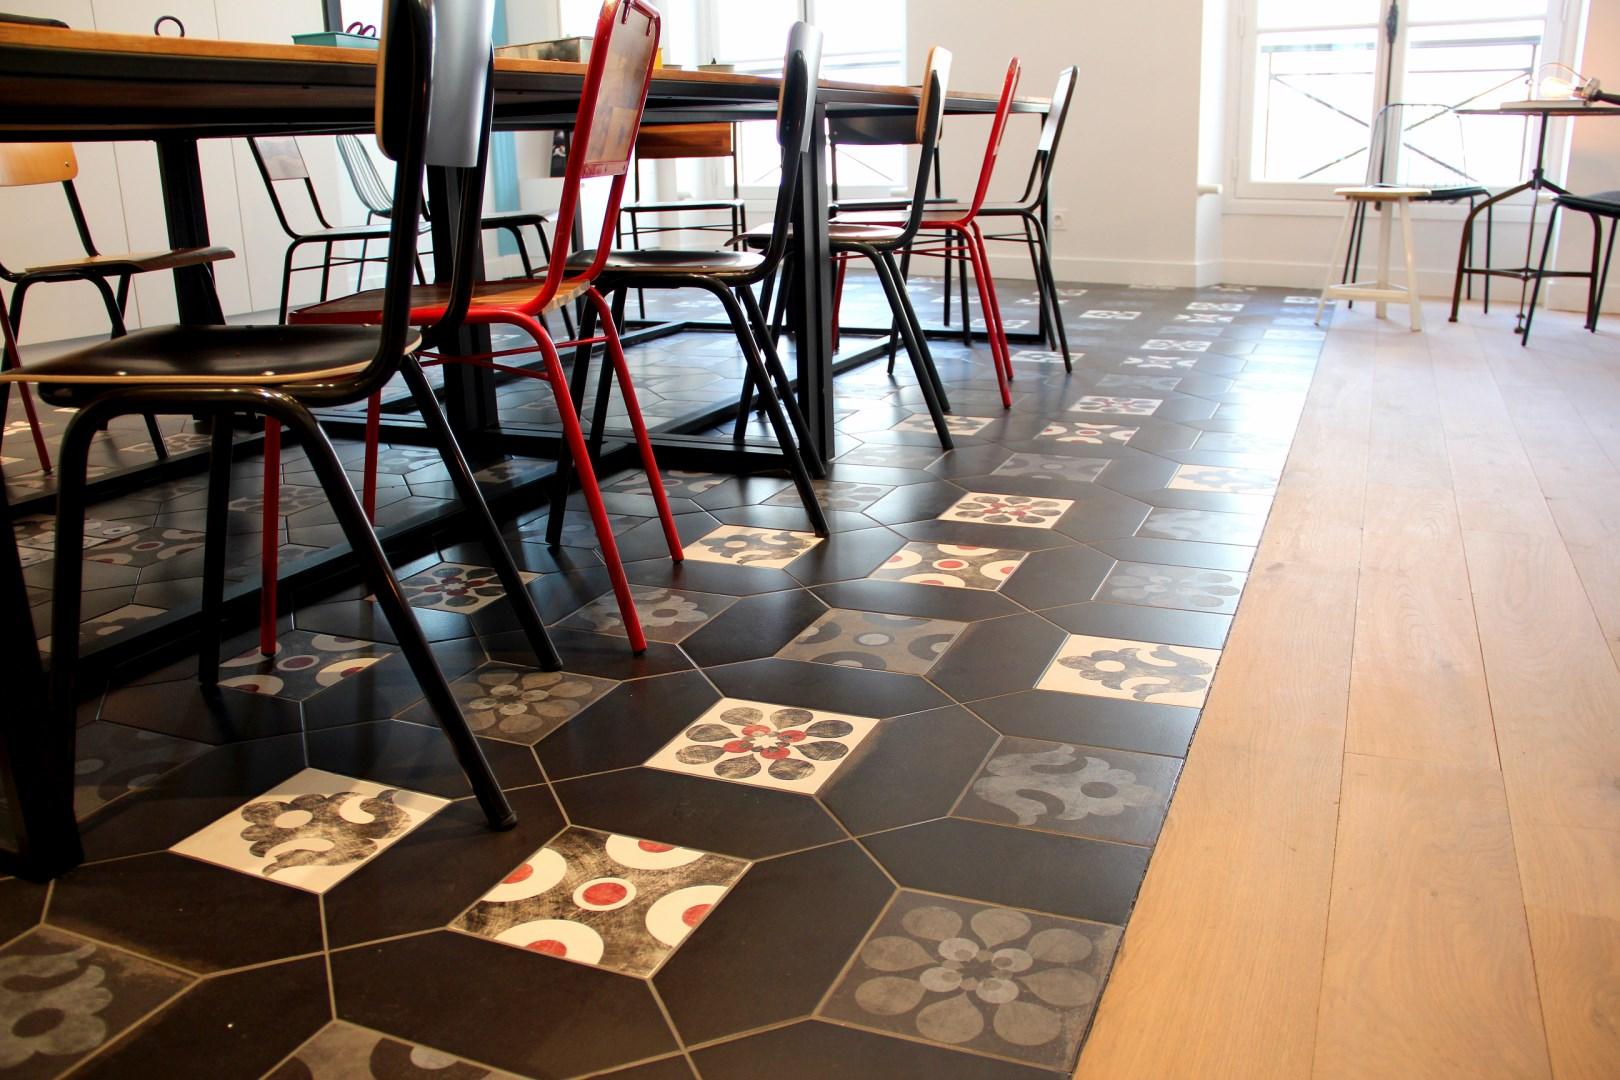 bureau renovation sol carreau de ciment aleatoire chaise ecolier Agence Avous Architecte Interieur